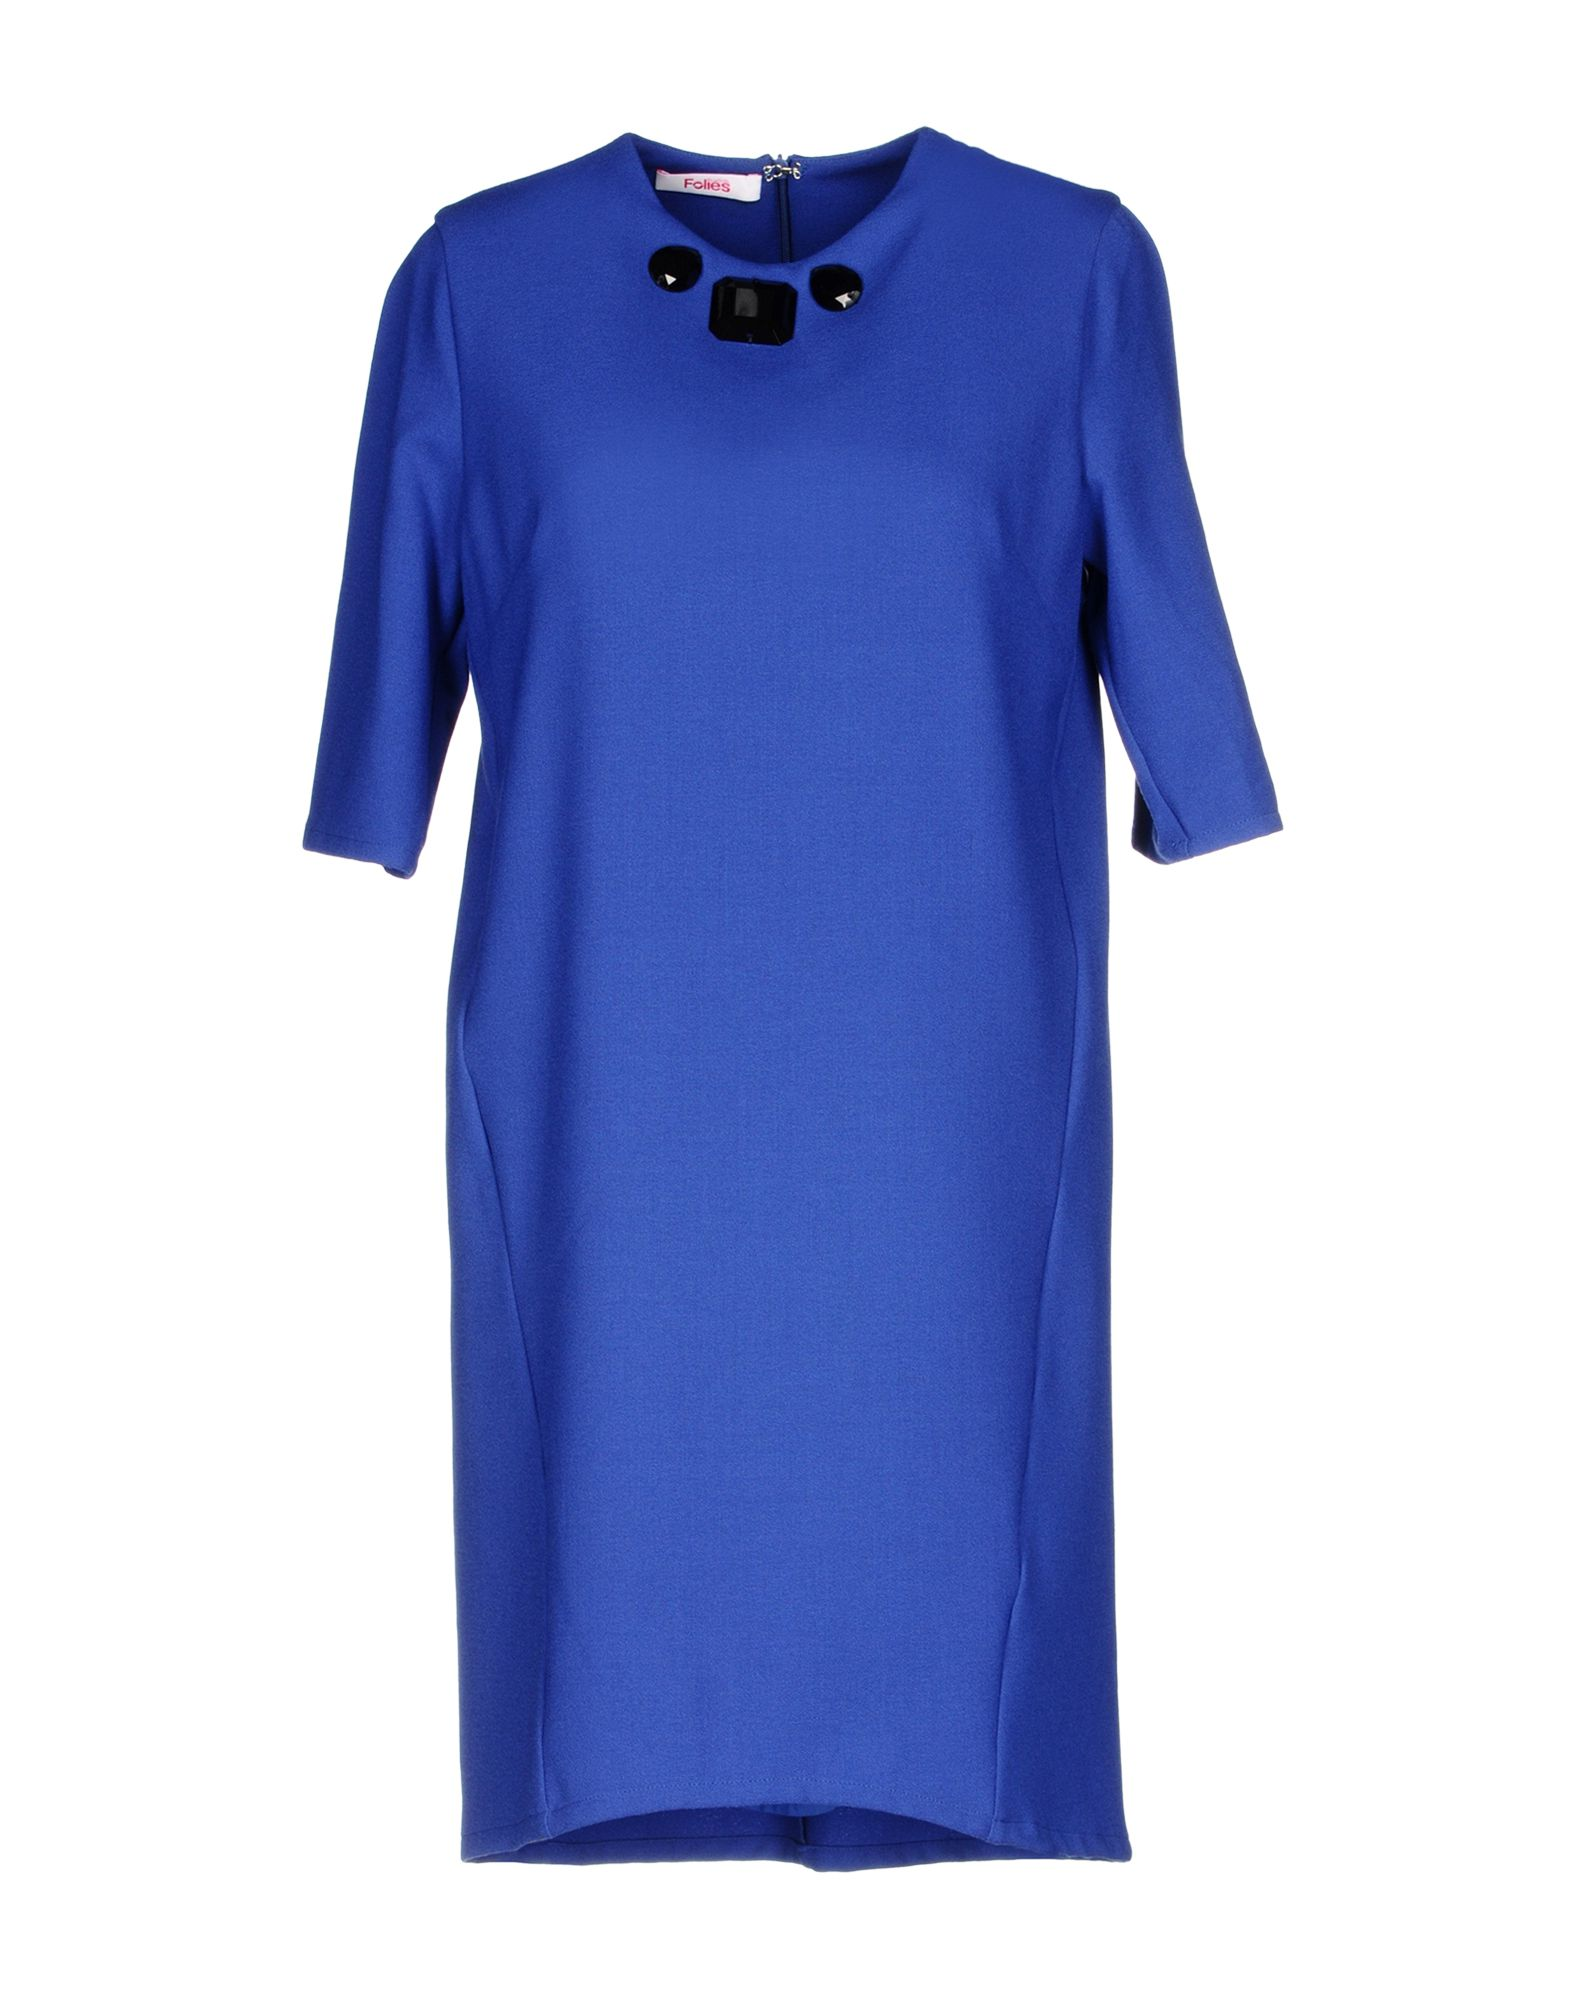 BLUGIRL FOLIES Короткое платье скребок для аквариума хаген складной